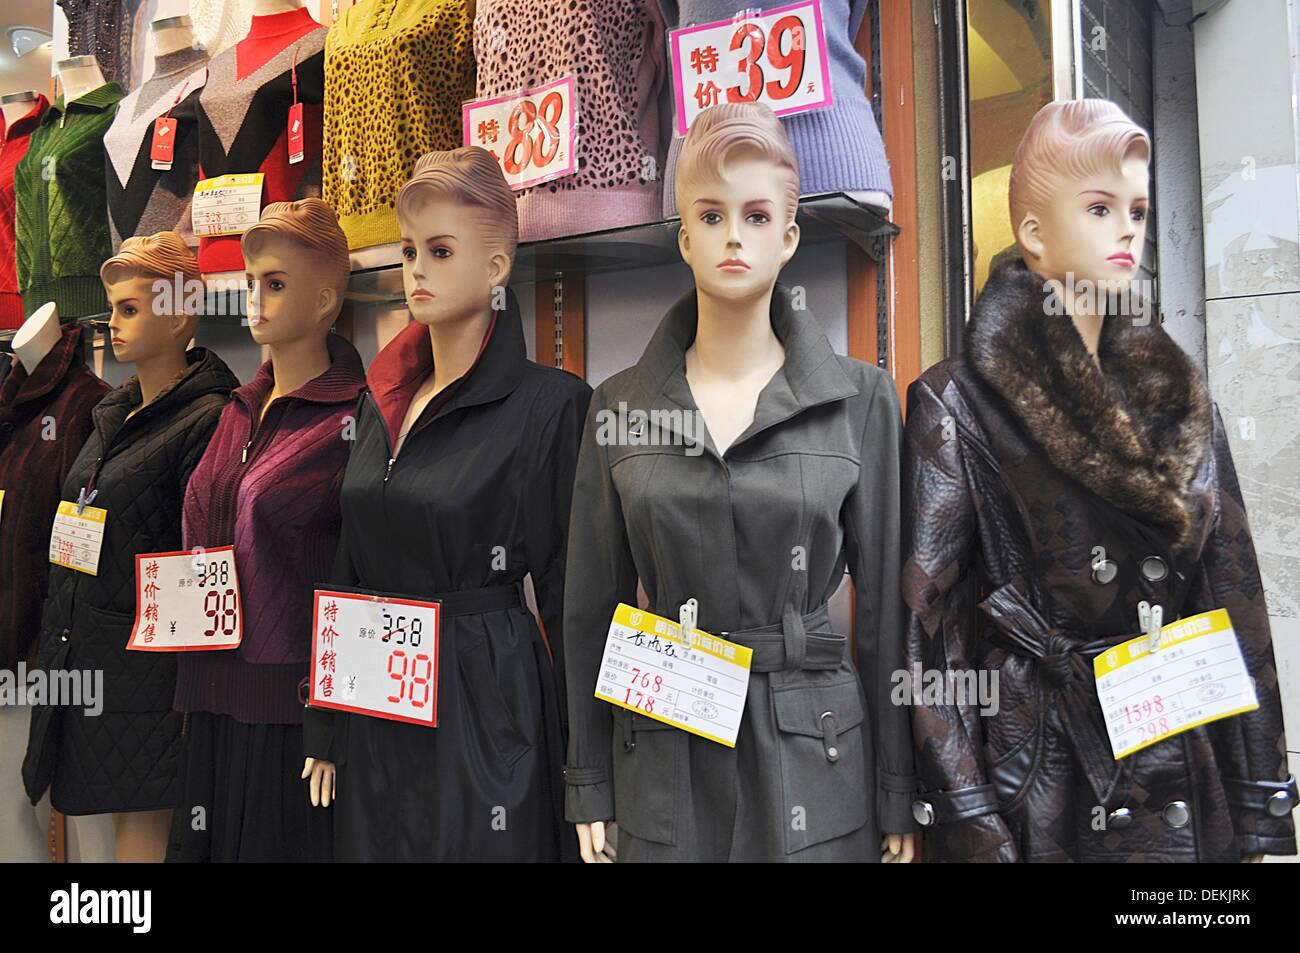 Billige kleidung aus china